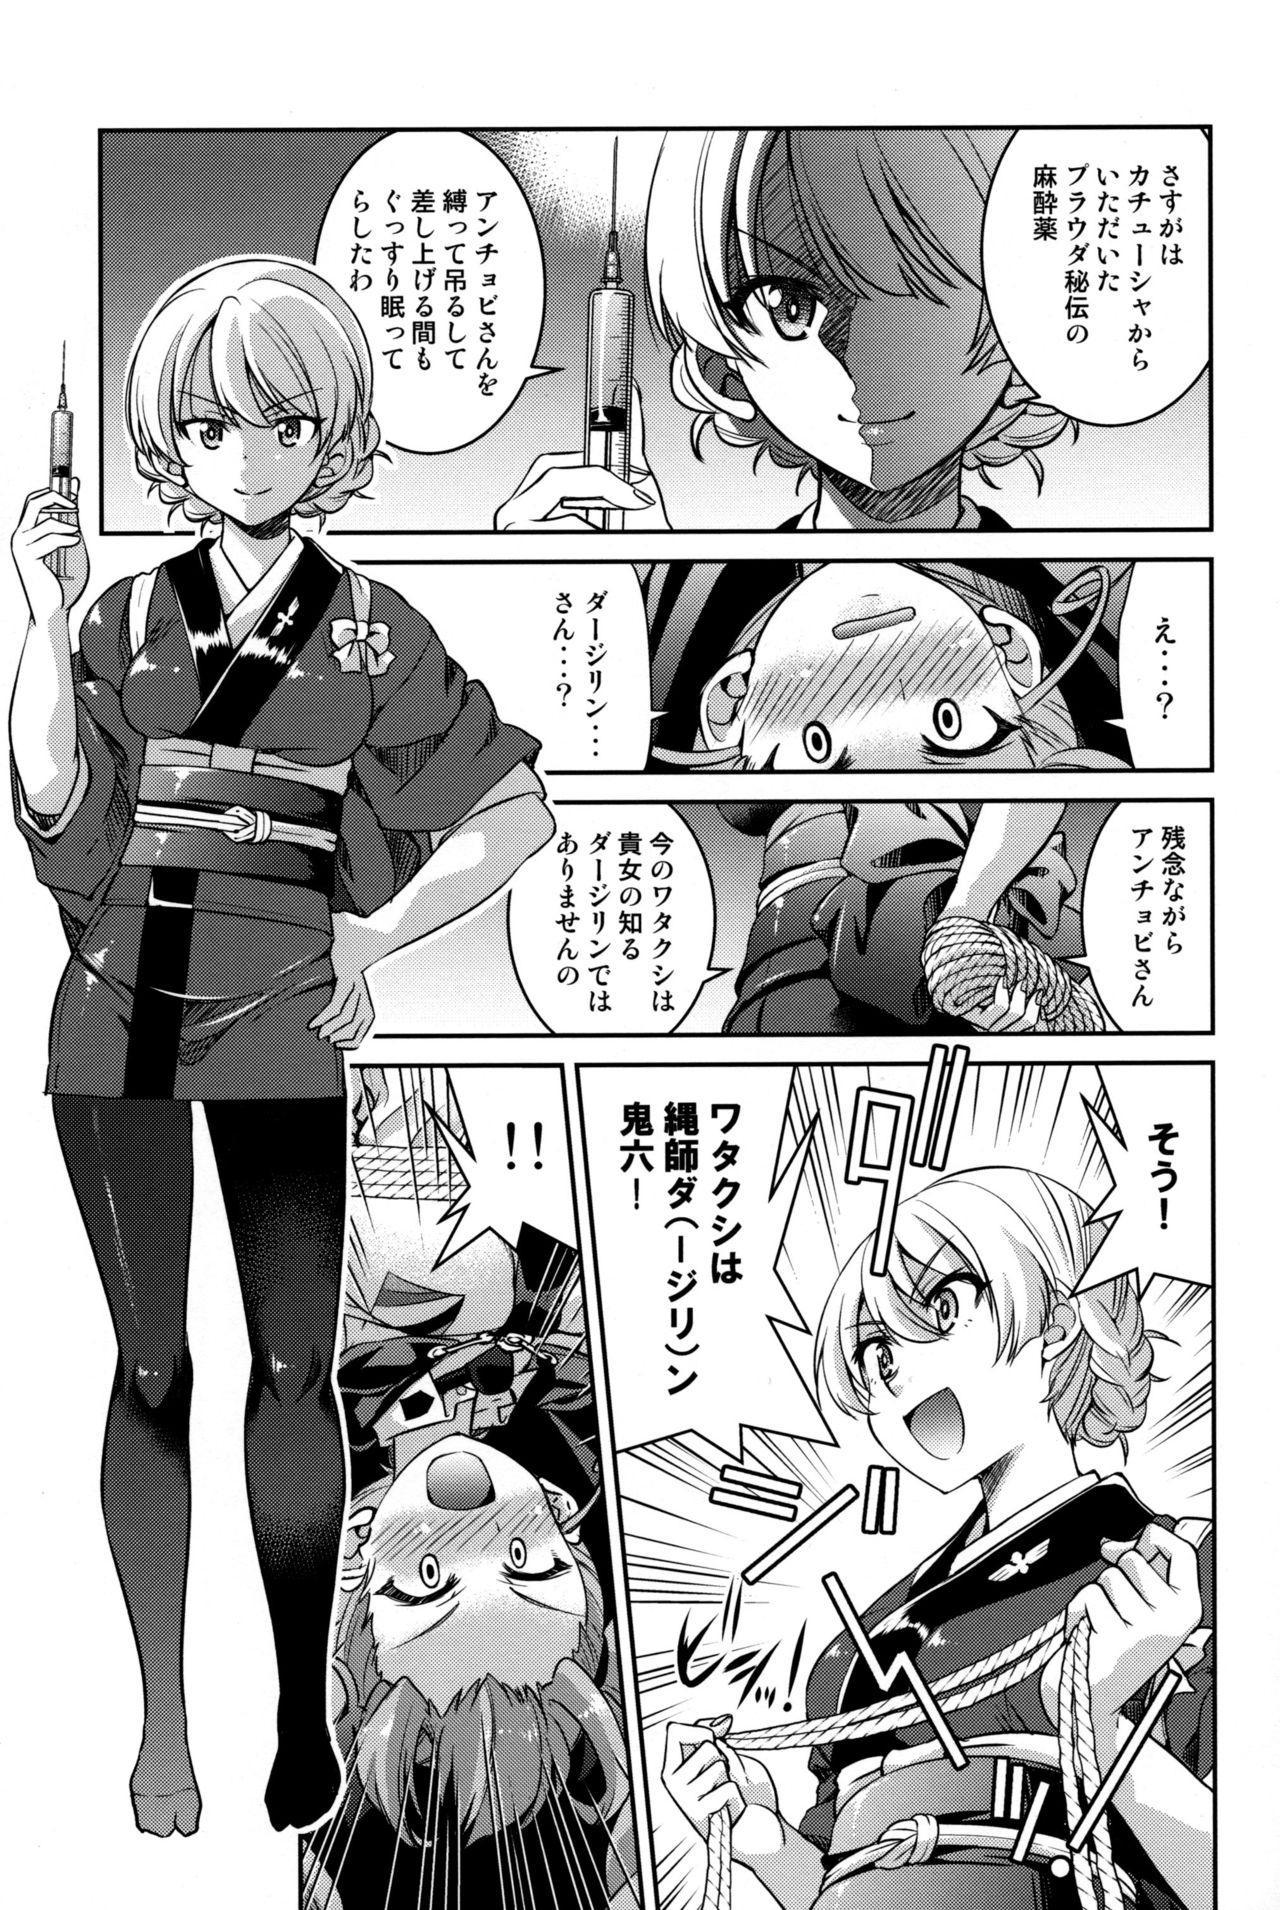 Nawashi Dar-sama Duce o Duce suru 7